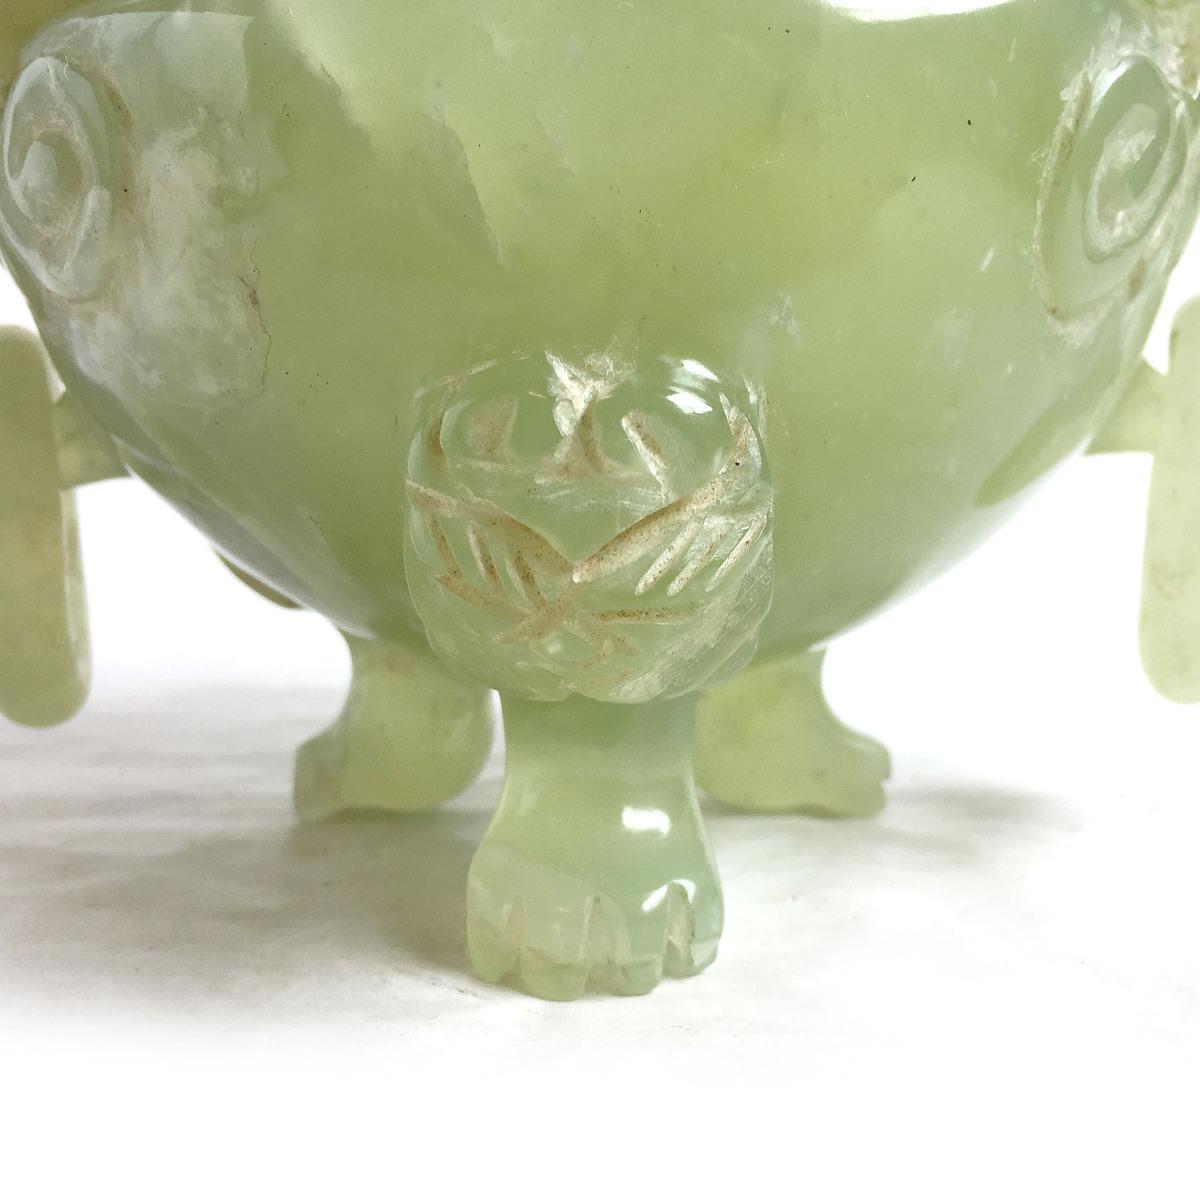 2241 瑪瑙 めのう 玉? 翡翠? 香炉 置物 オブジェ 中国美術 レトロ 高さ約18.5cm リサイクル アンティーク 紀の国屋_画像6